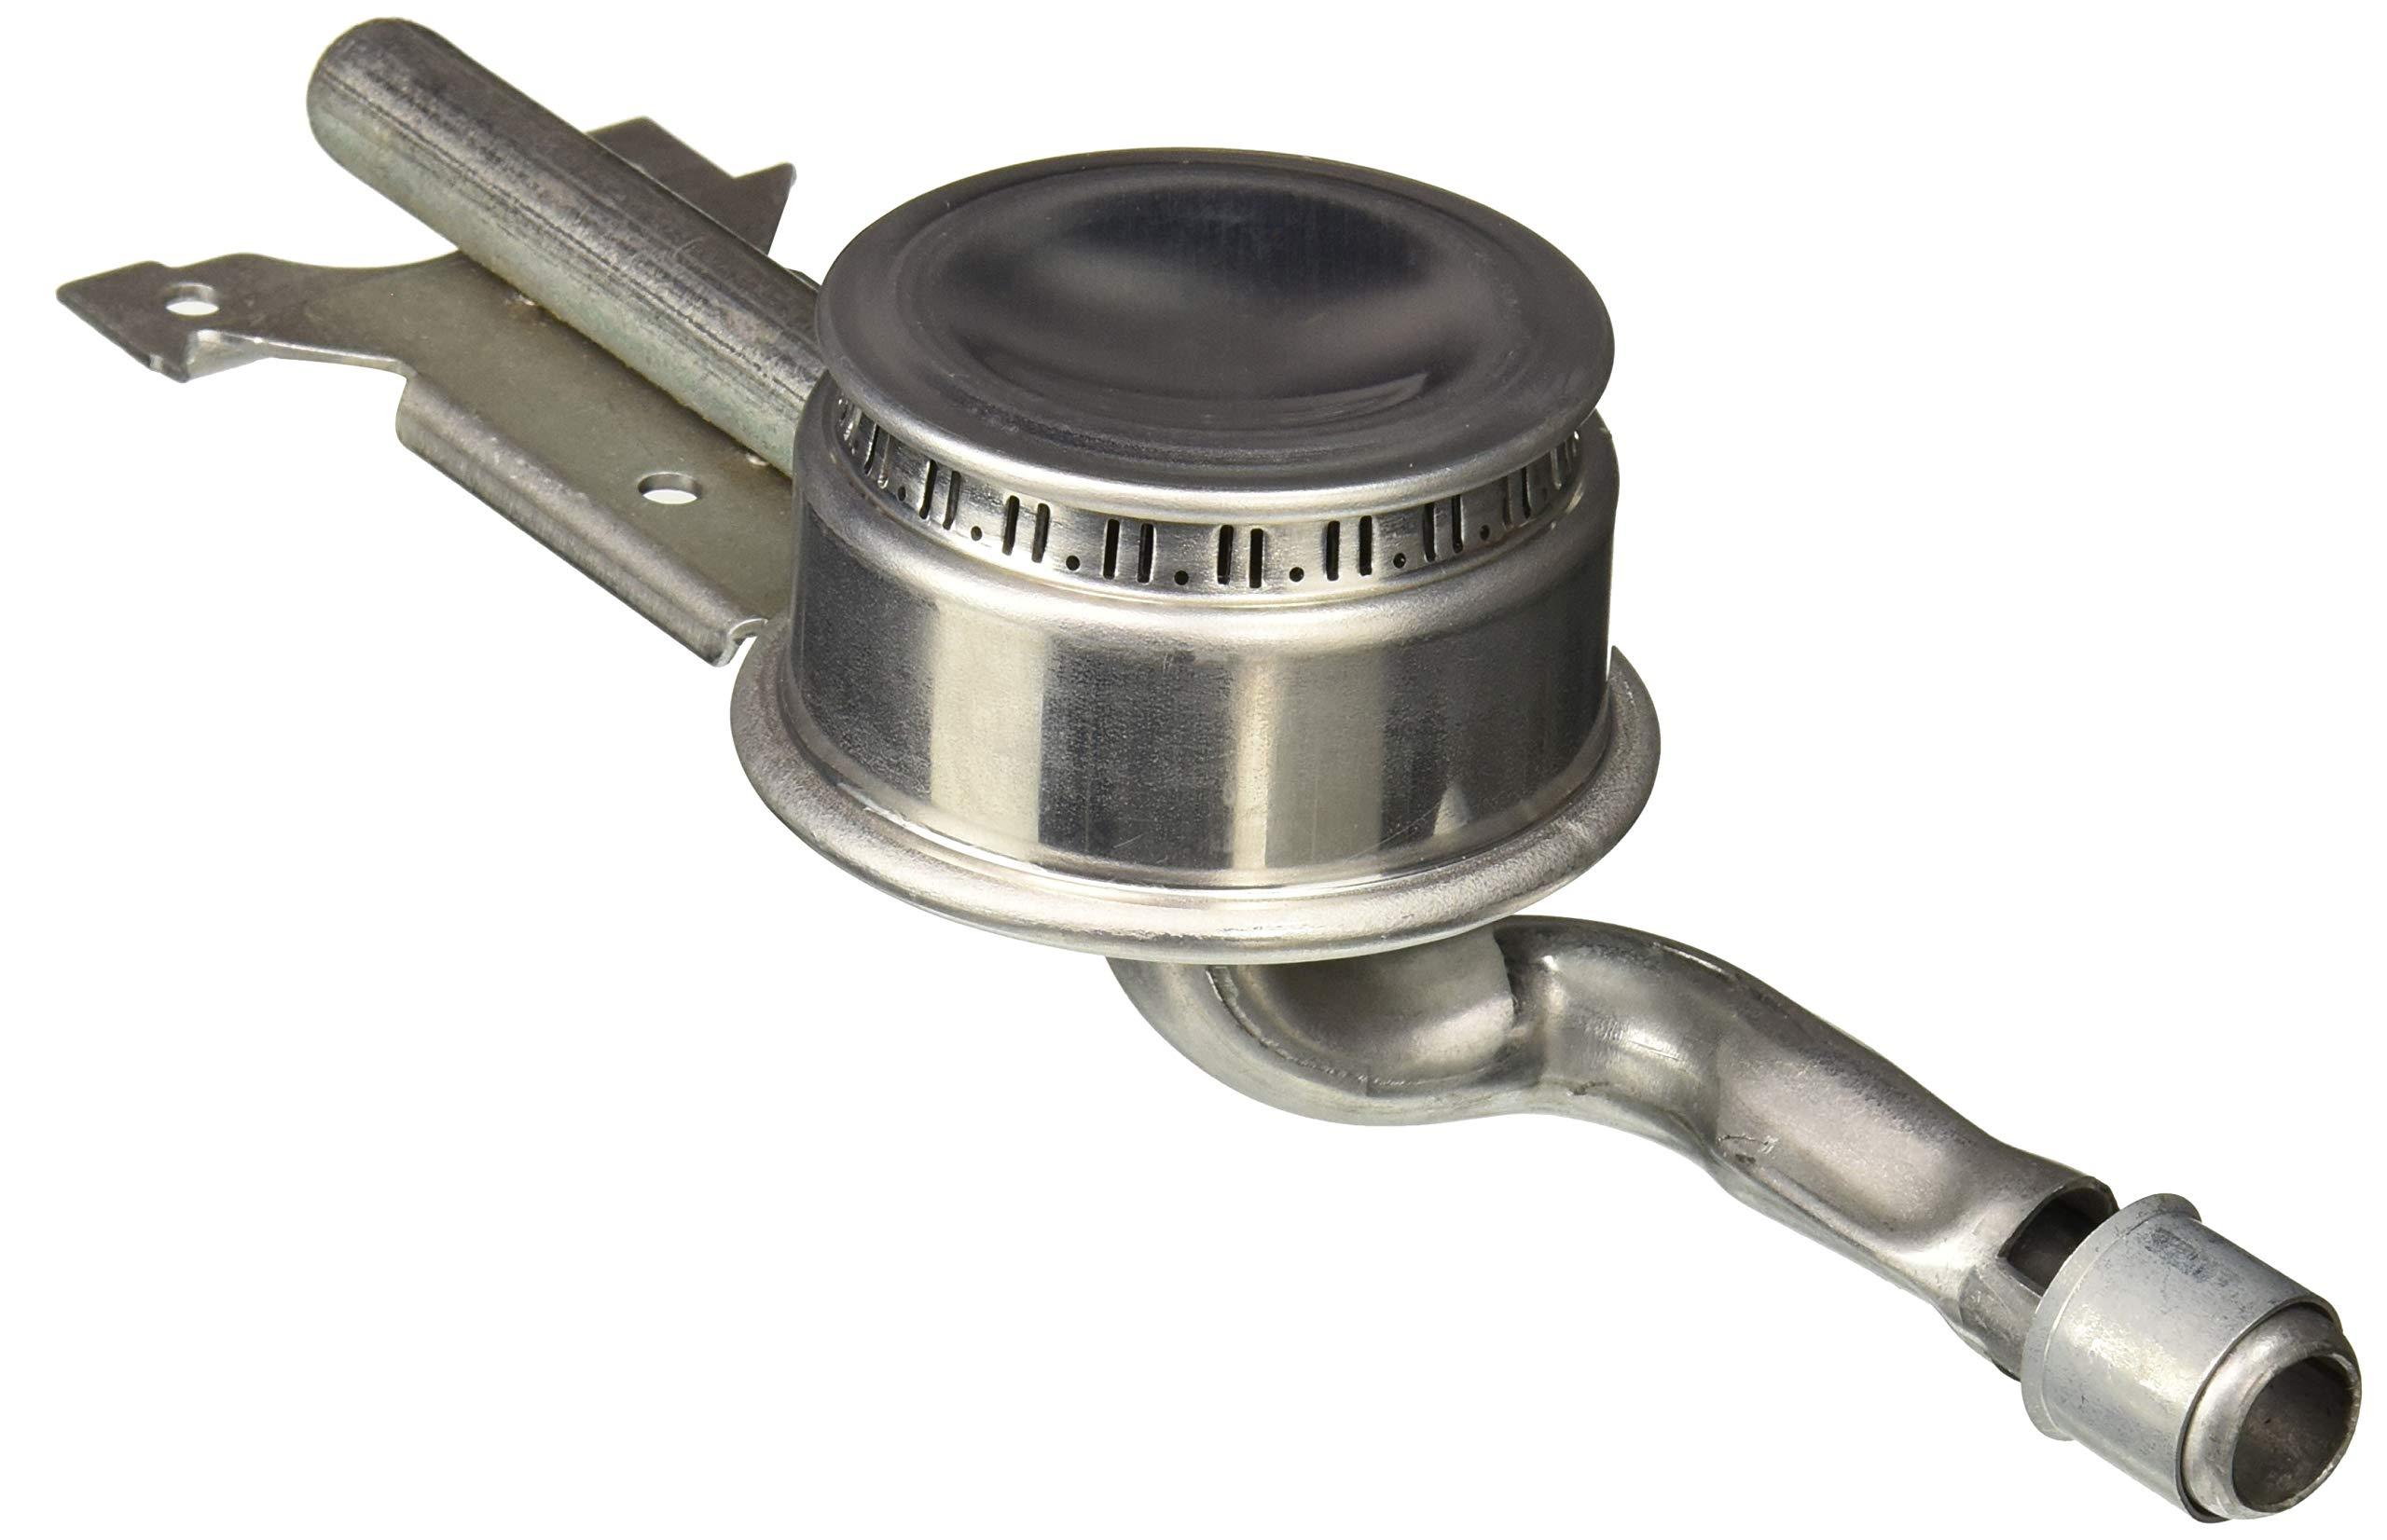 Frigidaire 5304506427 Range Surface Burner, White